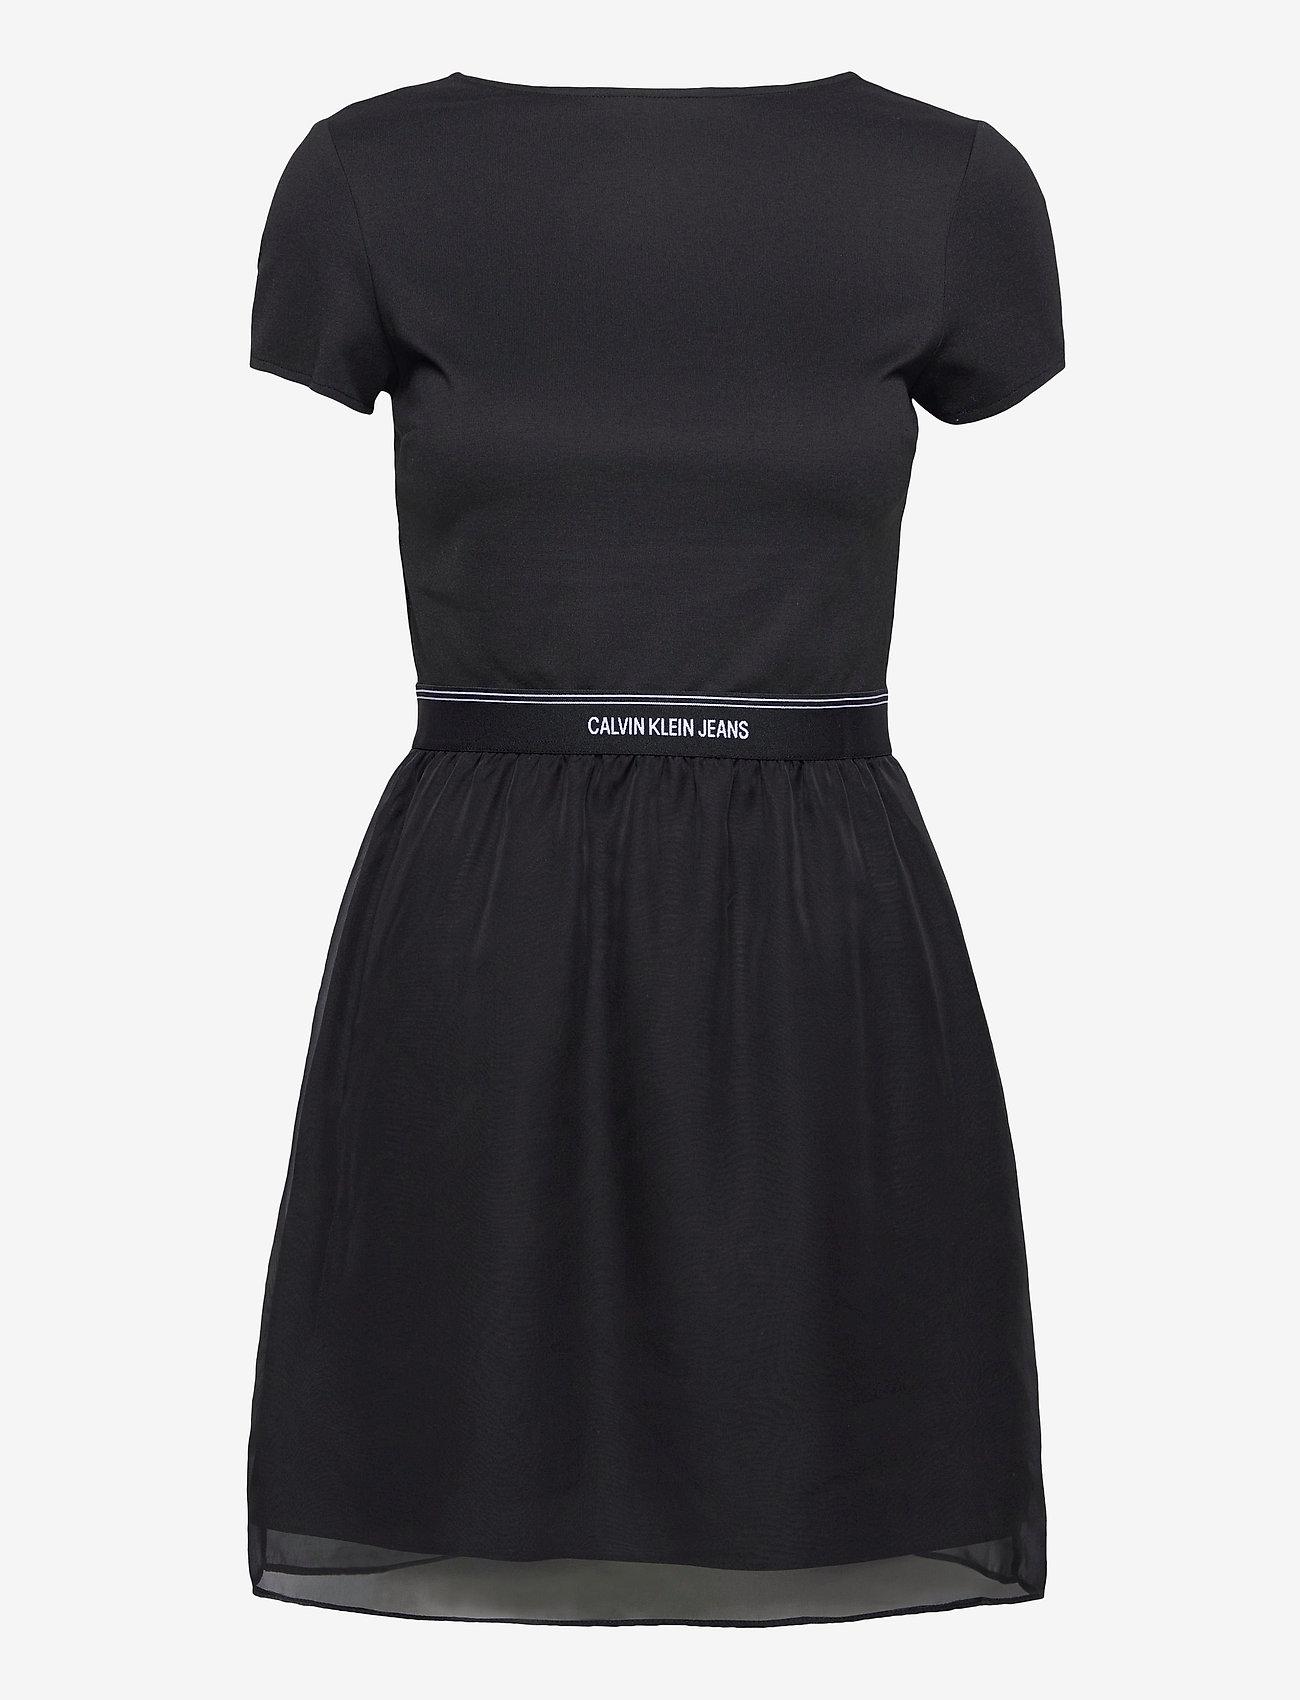 Calvin Klein Jeans - LOGO WAISTBAND DRESS - hverdagskjoler - ck black - 0